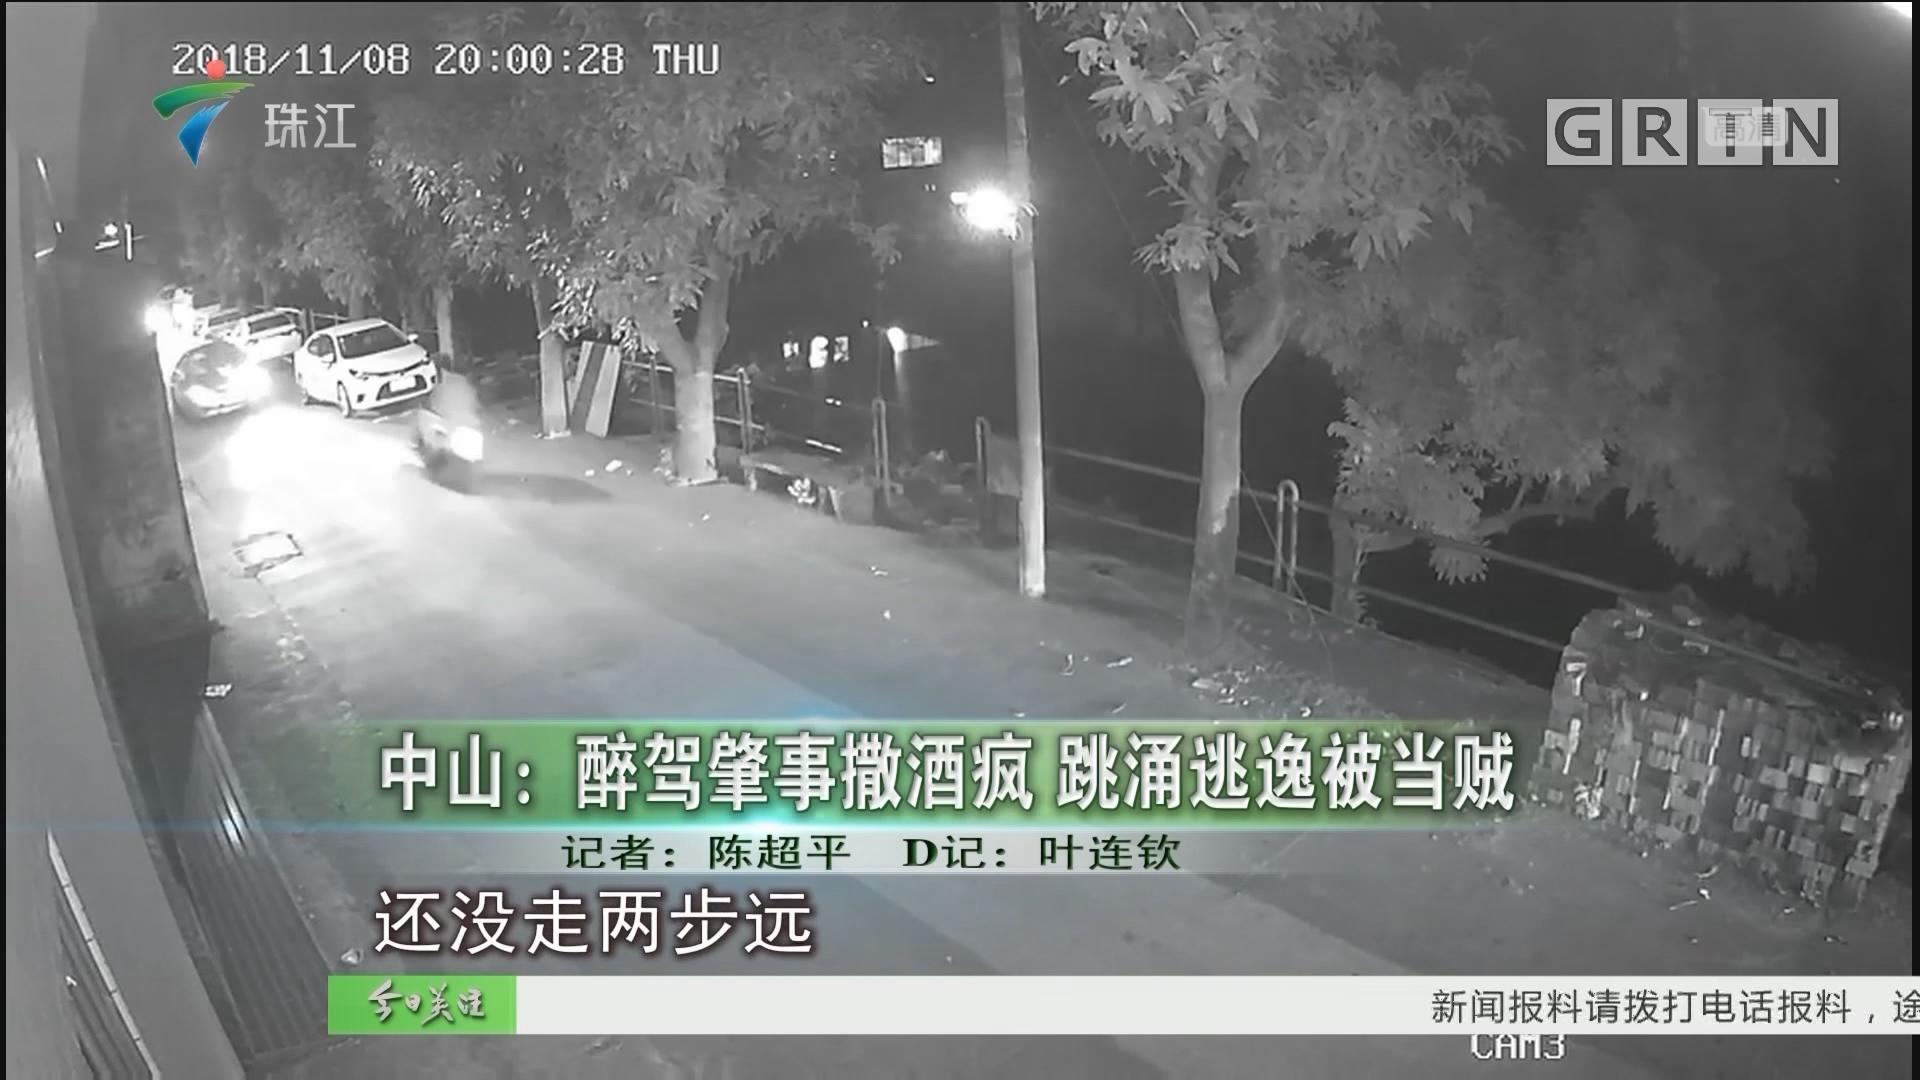 中山:醉驾肇事撒酒疯 跳涌逃逸被当贼